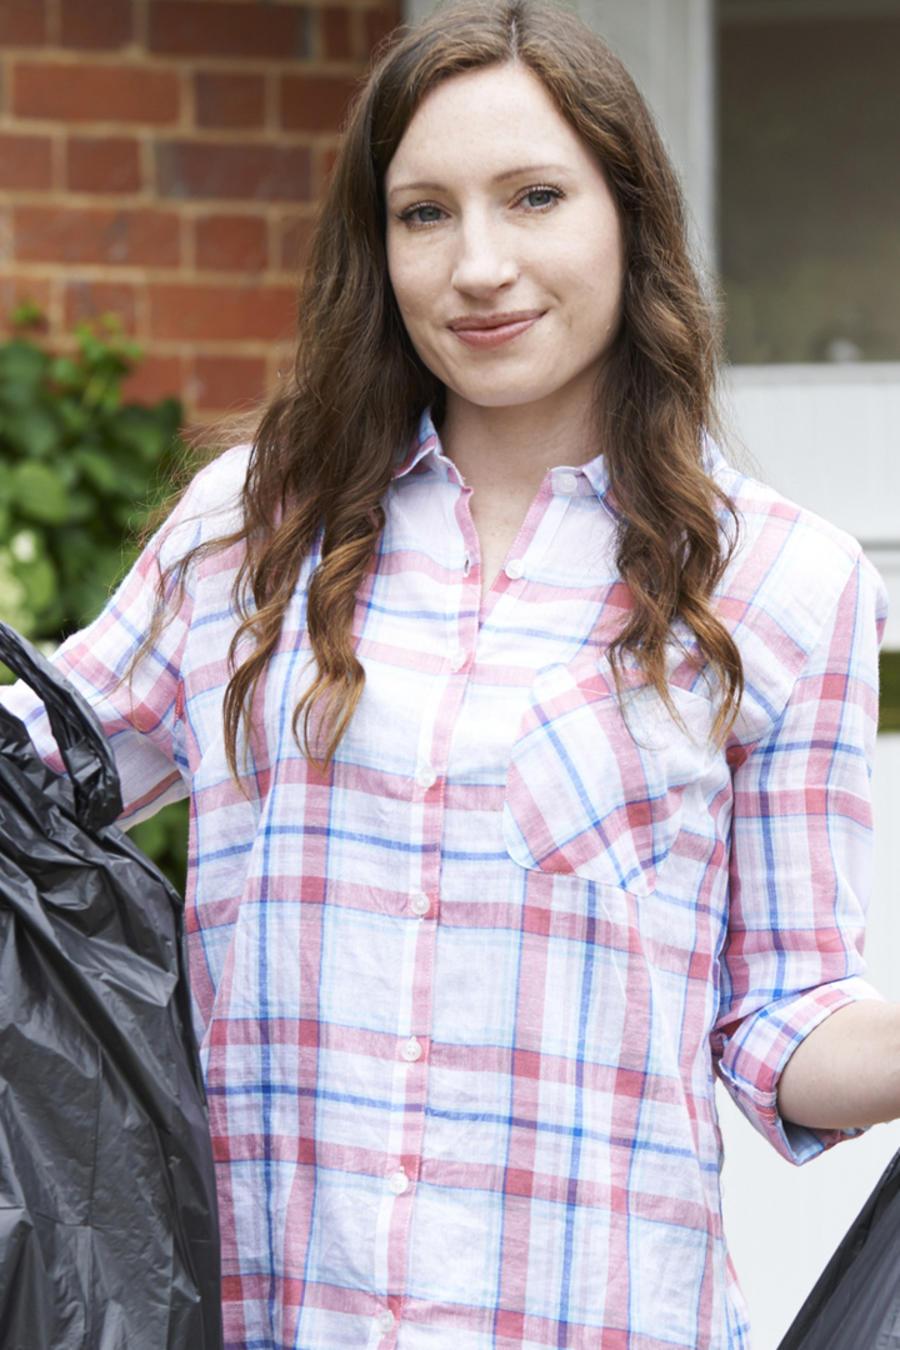 Mujer joven con bolsas de basura en la puerta de su casa